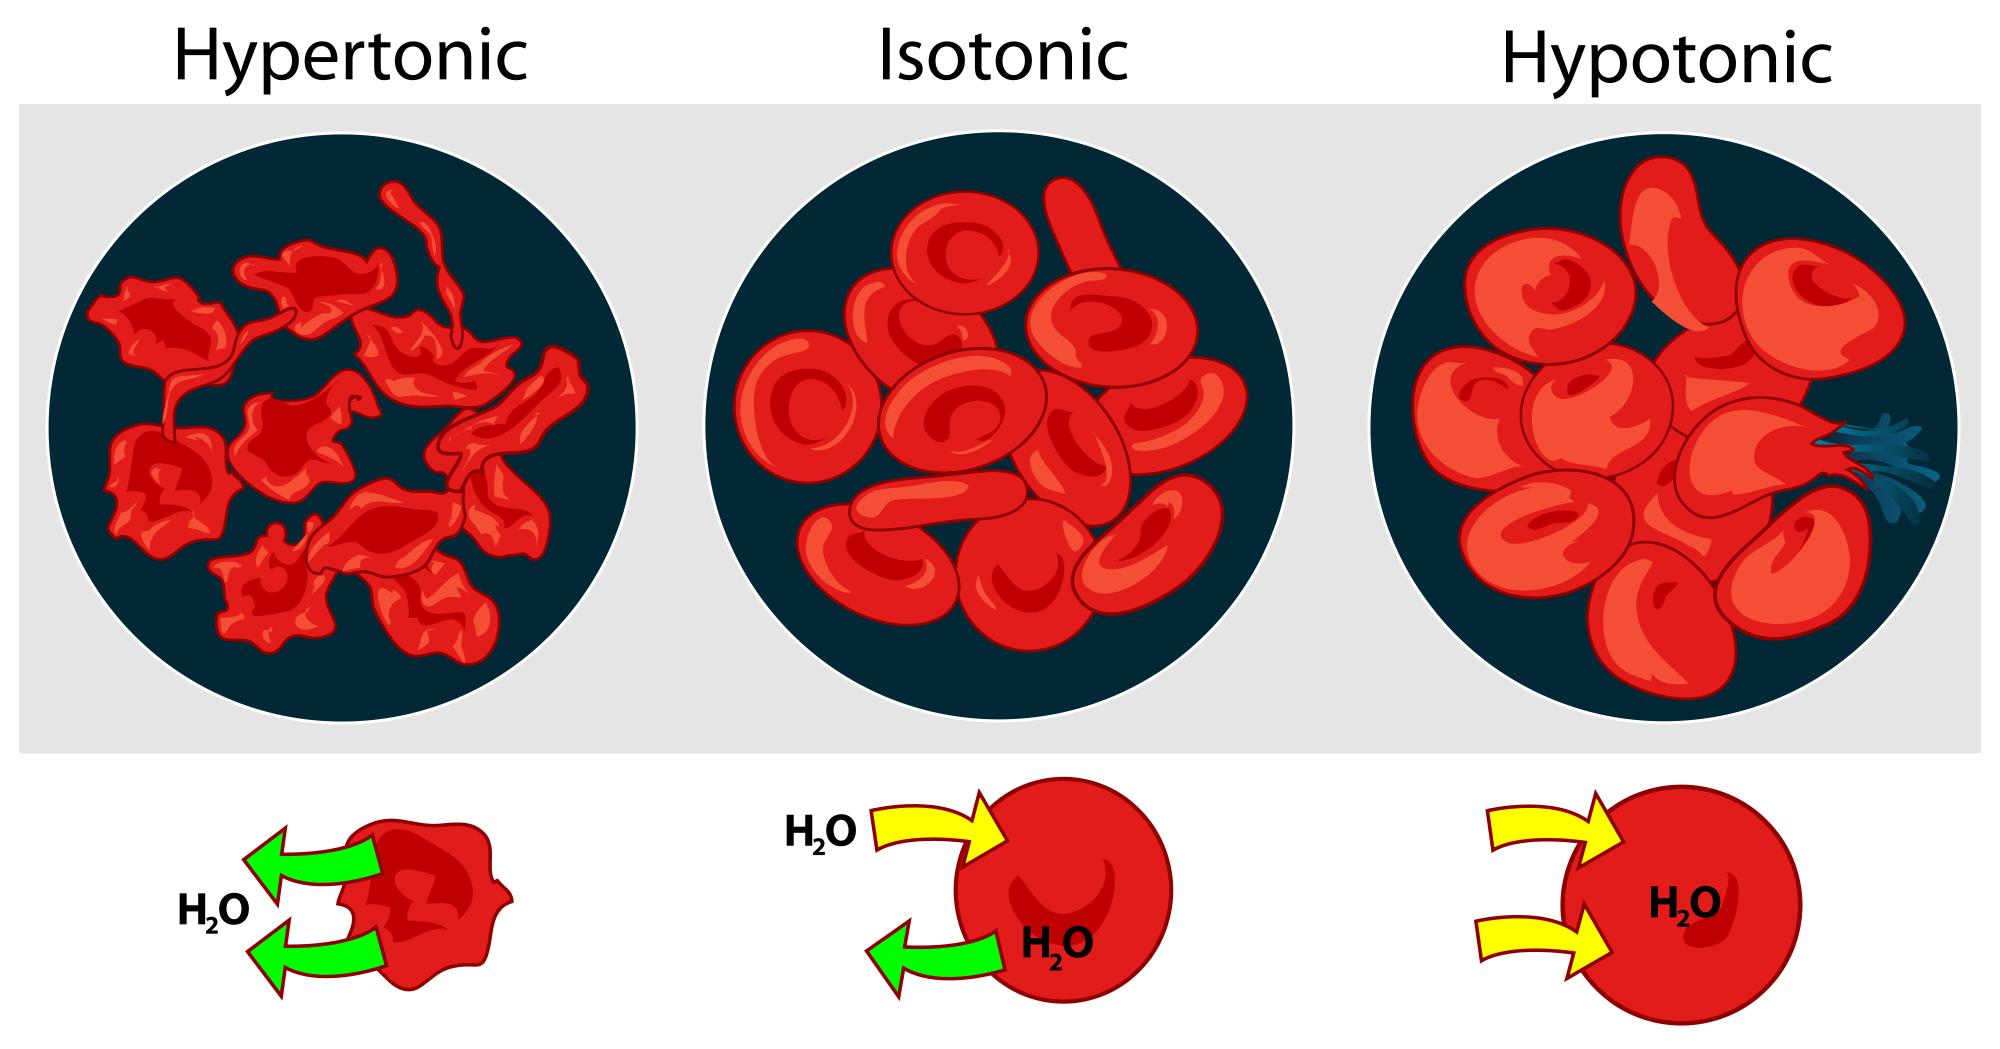 浸透圧の変化による細胞のダメージ